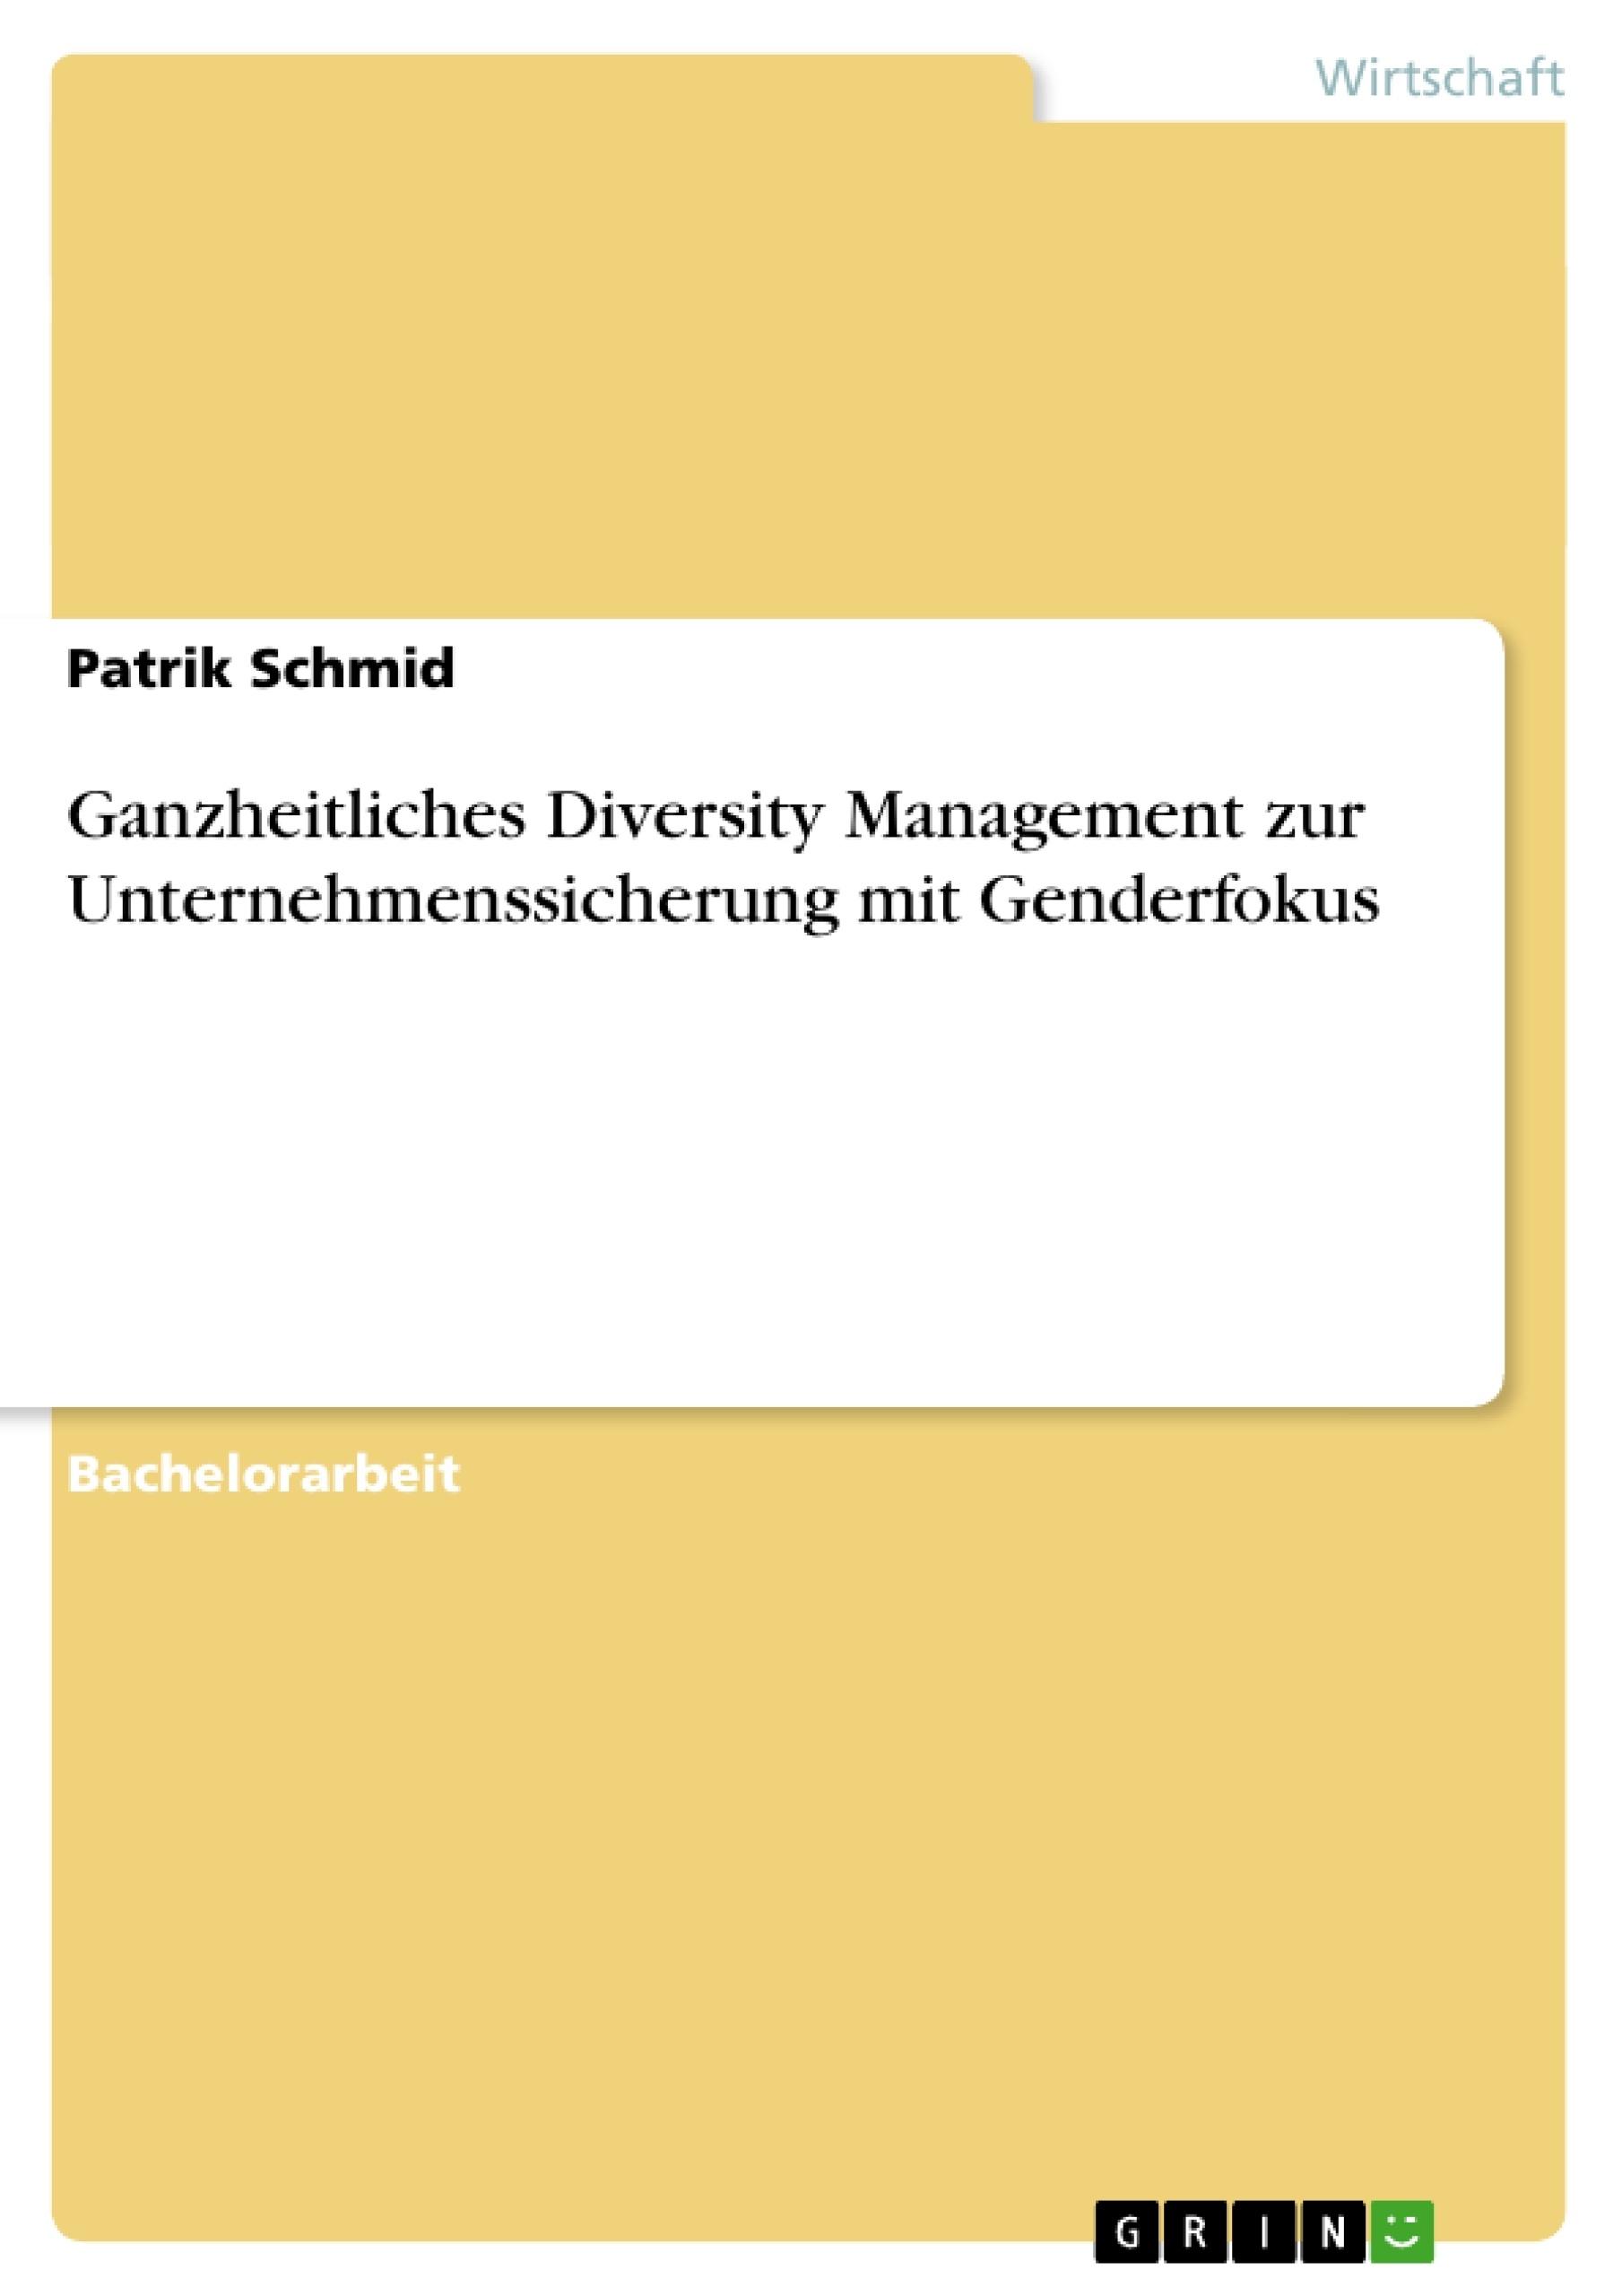 Titel: Ganzheitliches Diversity Management zur Unternehmenssicherung mit Genderfokus